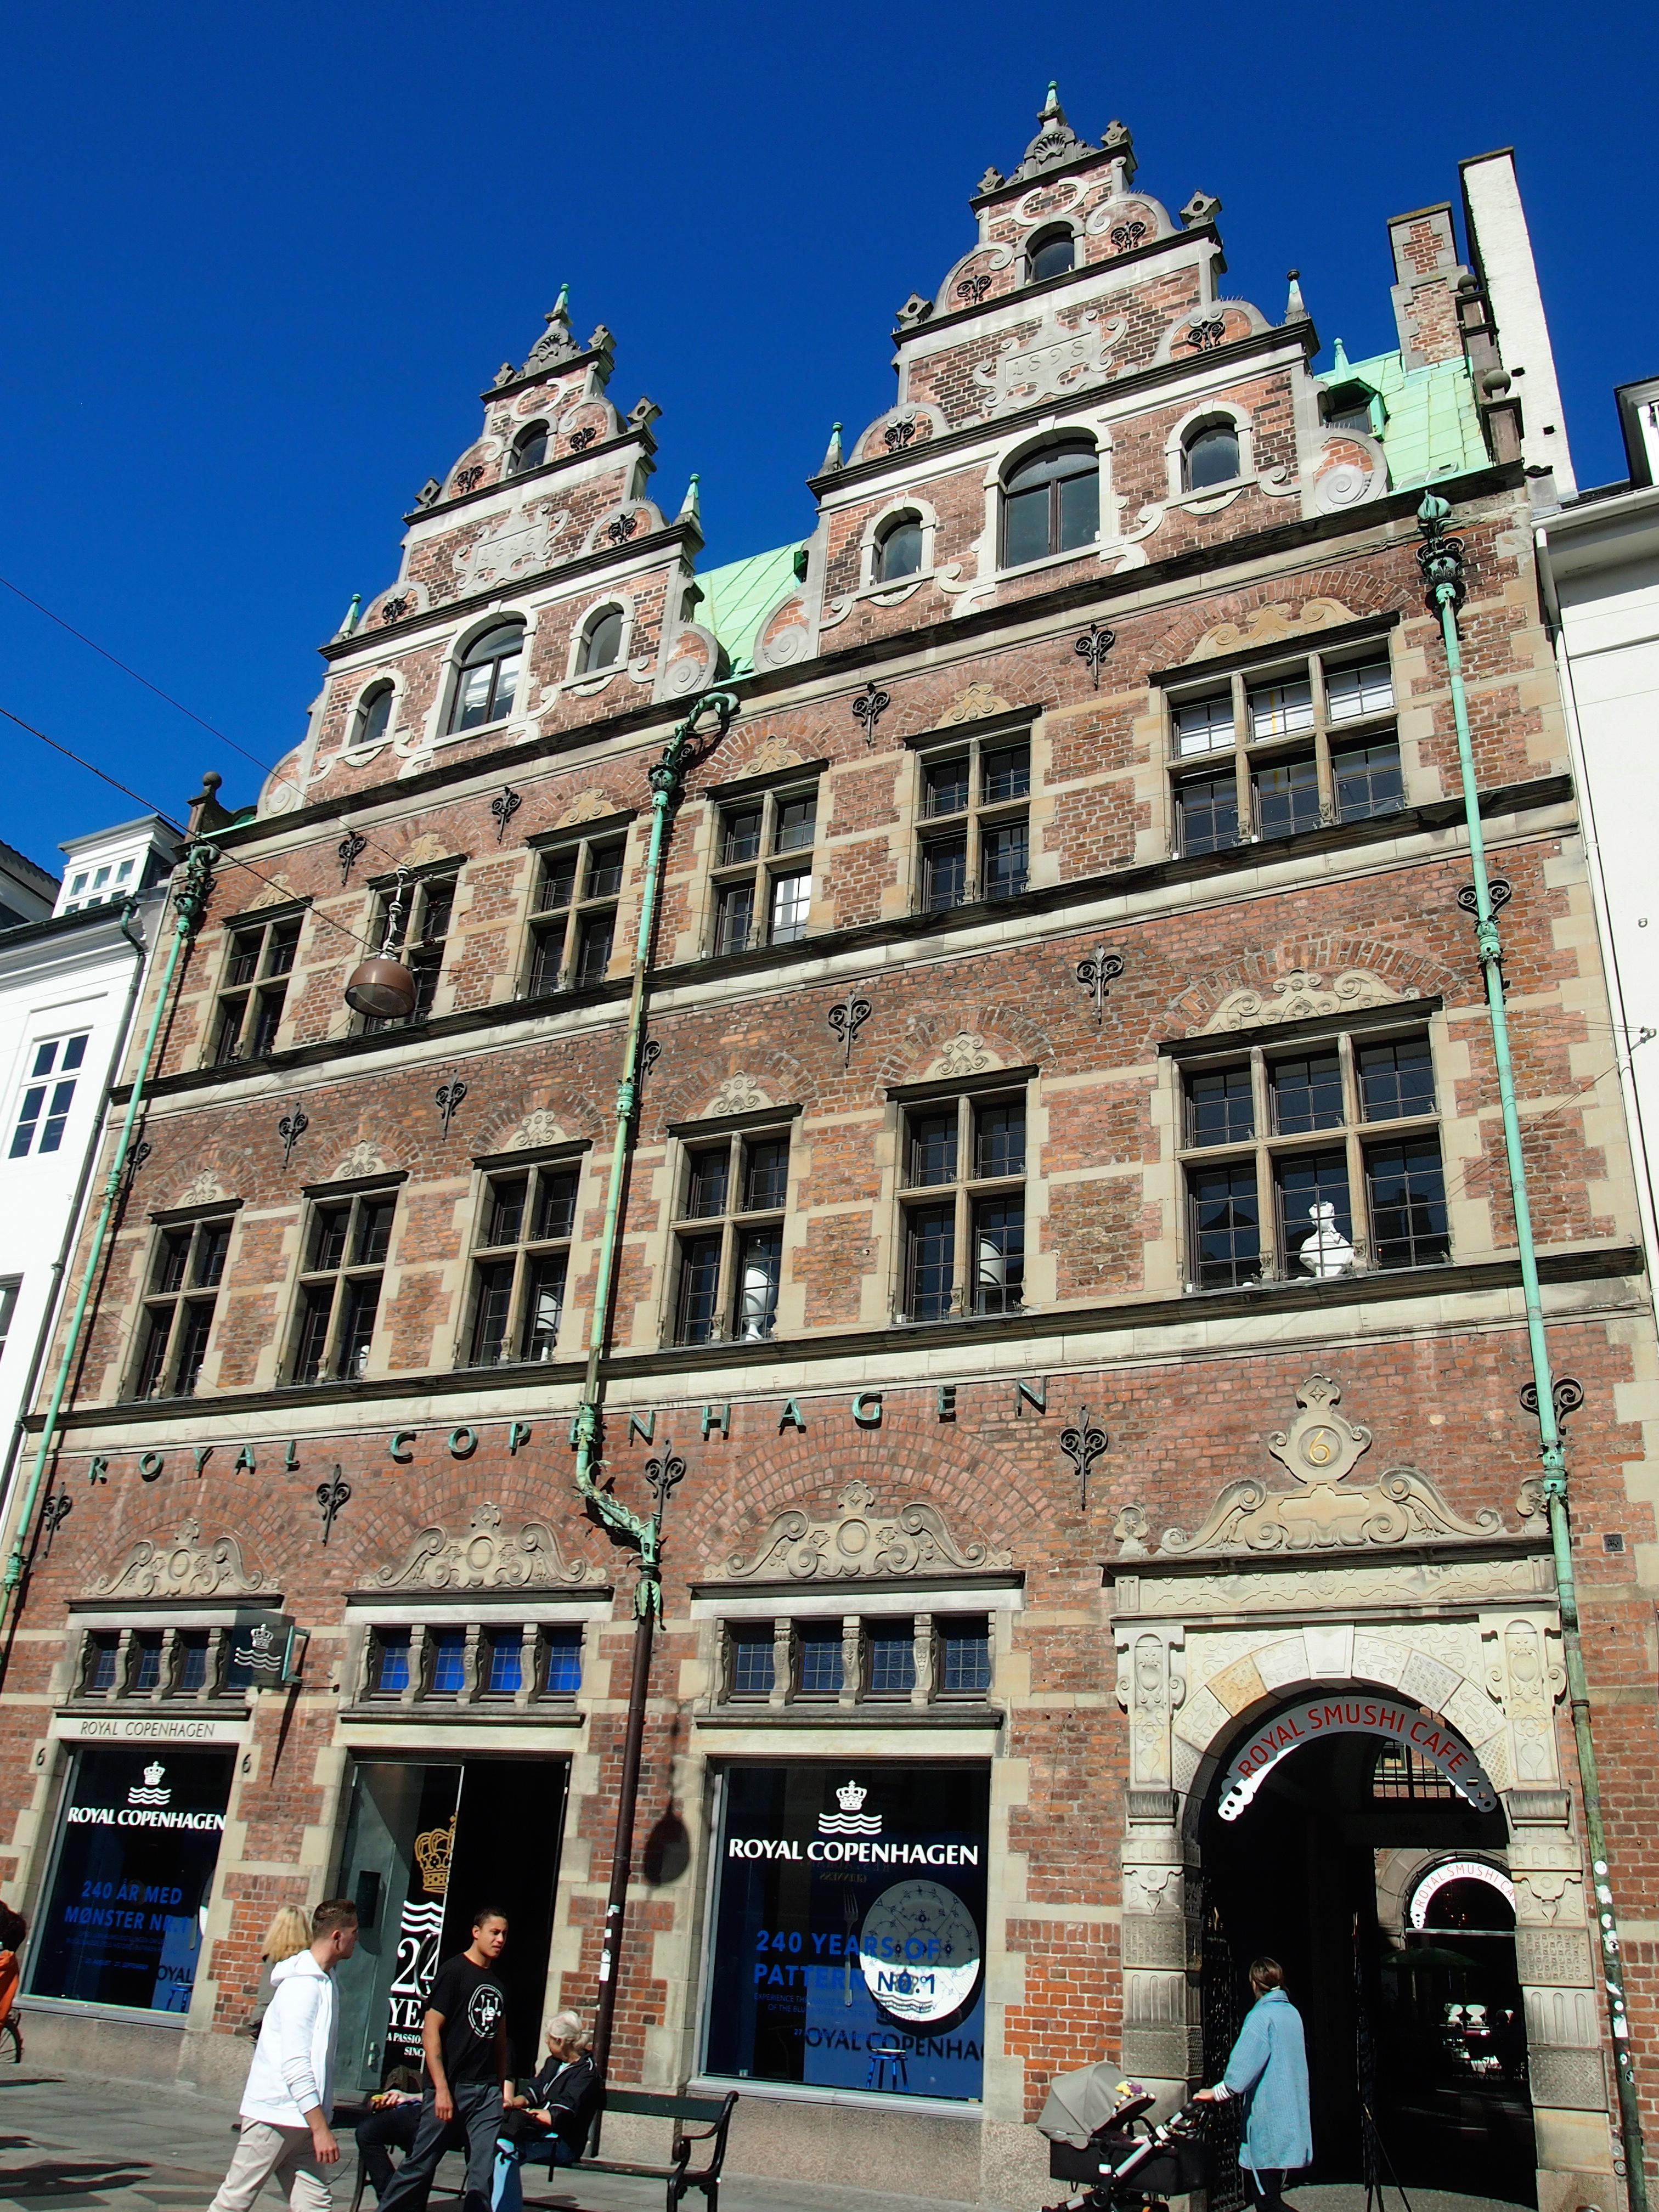 Royal Copenhagen, Activity, Architecture, Building, City, HQ Photo